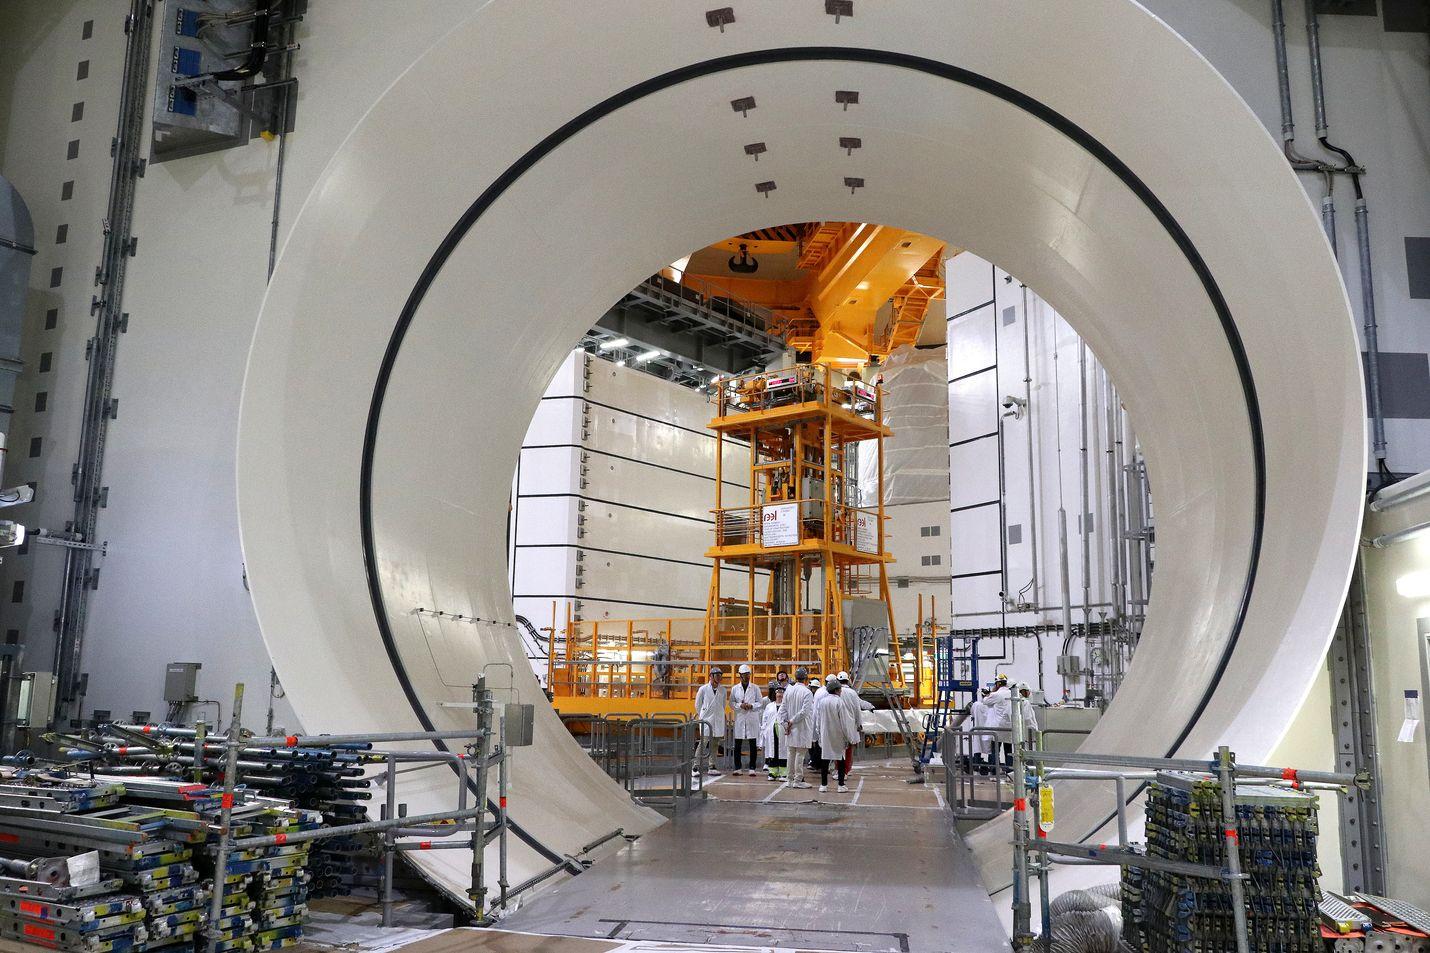 Olkiluoto 3 -ydinvoimalaitoksen valmistuminen on siirtynyt jo yli kymmenen kertaa. Seuraavan kerran tietoa uudesta aikataulusta on luvassa aikaisintaan elokuussa.